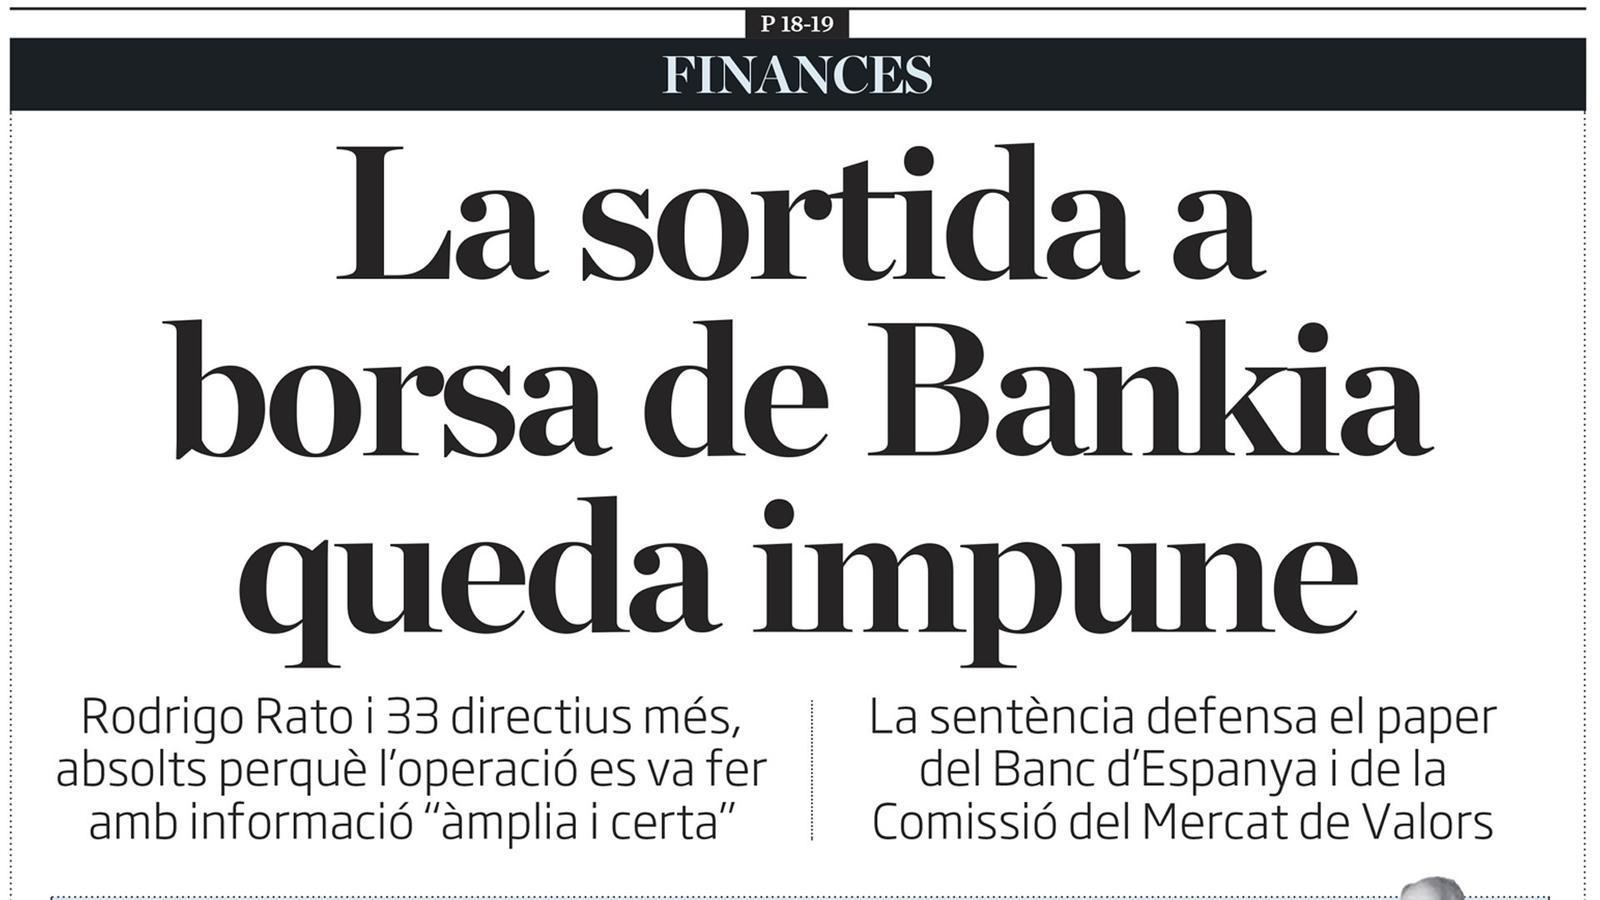 Pere Aragonès es converteix en president substitut, Illa pacta amb Madrid restriccions per tot Espanya, el debat Trump-Biden ha sigut un desori i Messi demana unitat: les claus del dia, amb Antoni Bassas (30/09/2020)